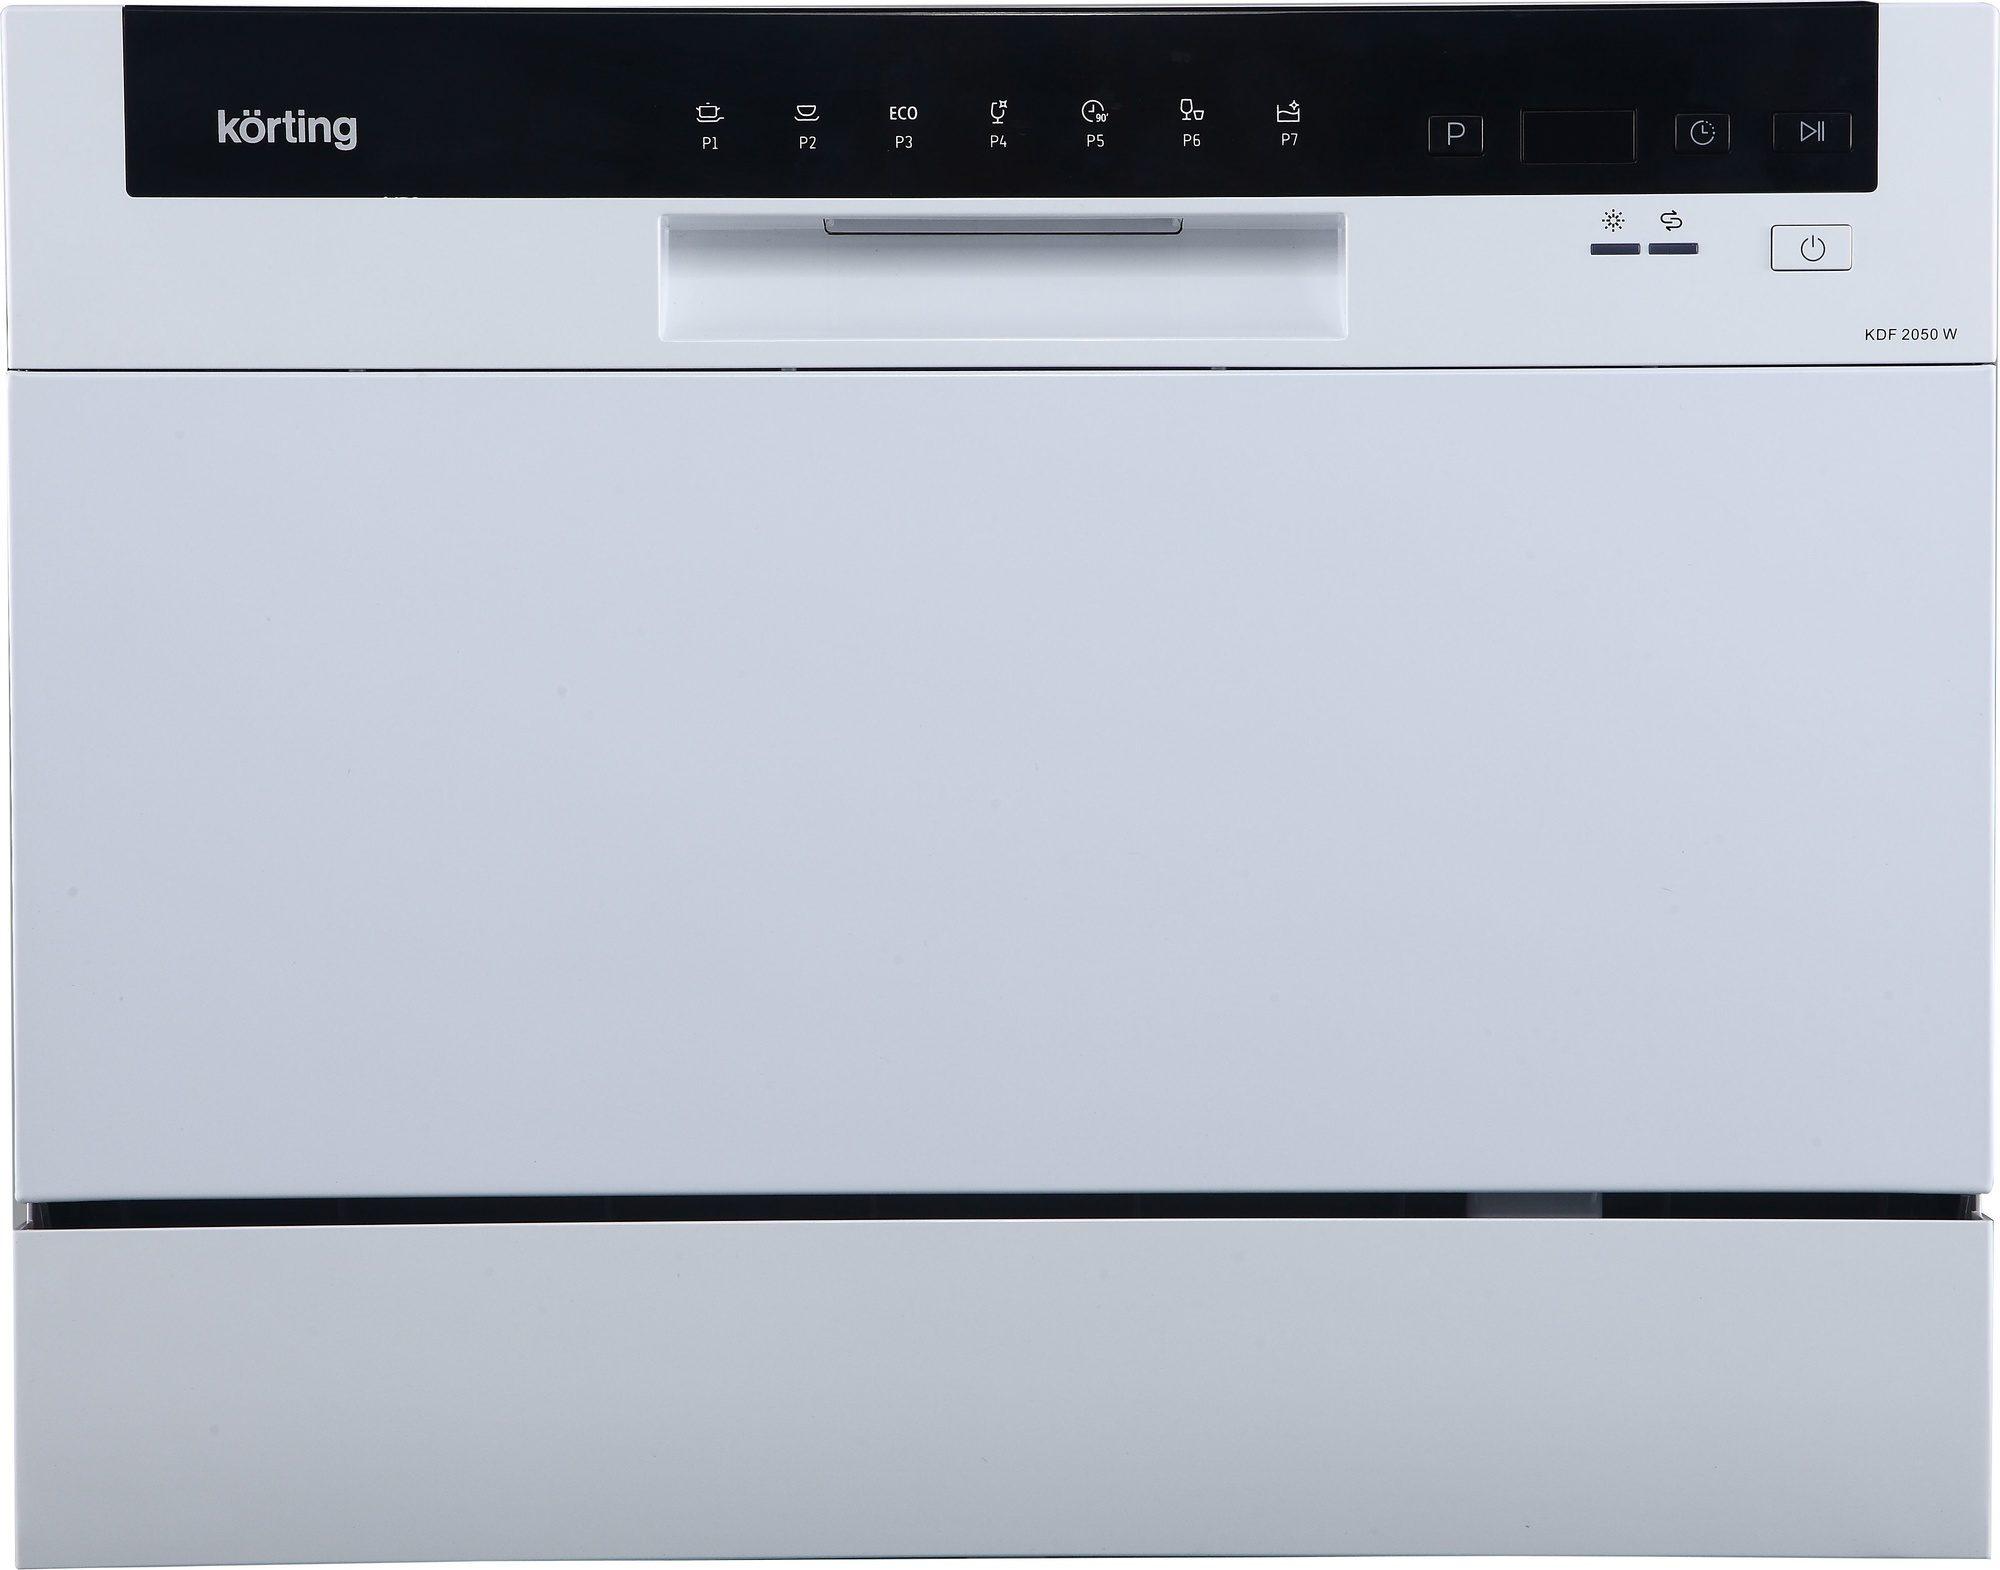 Посудомоечная машина korting kdf 2050 w: отзывы и обзор